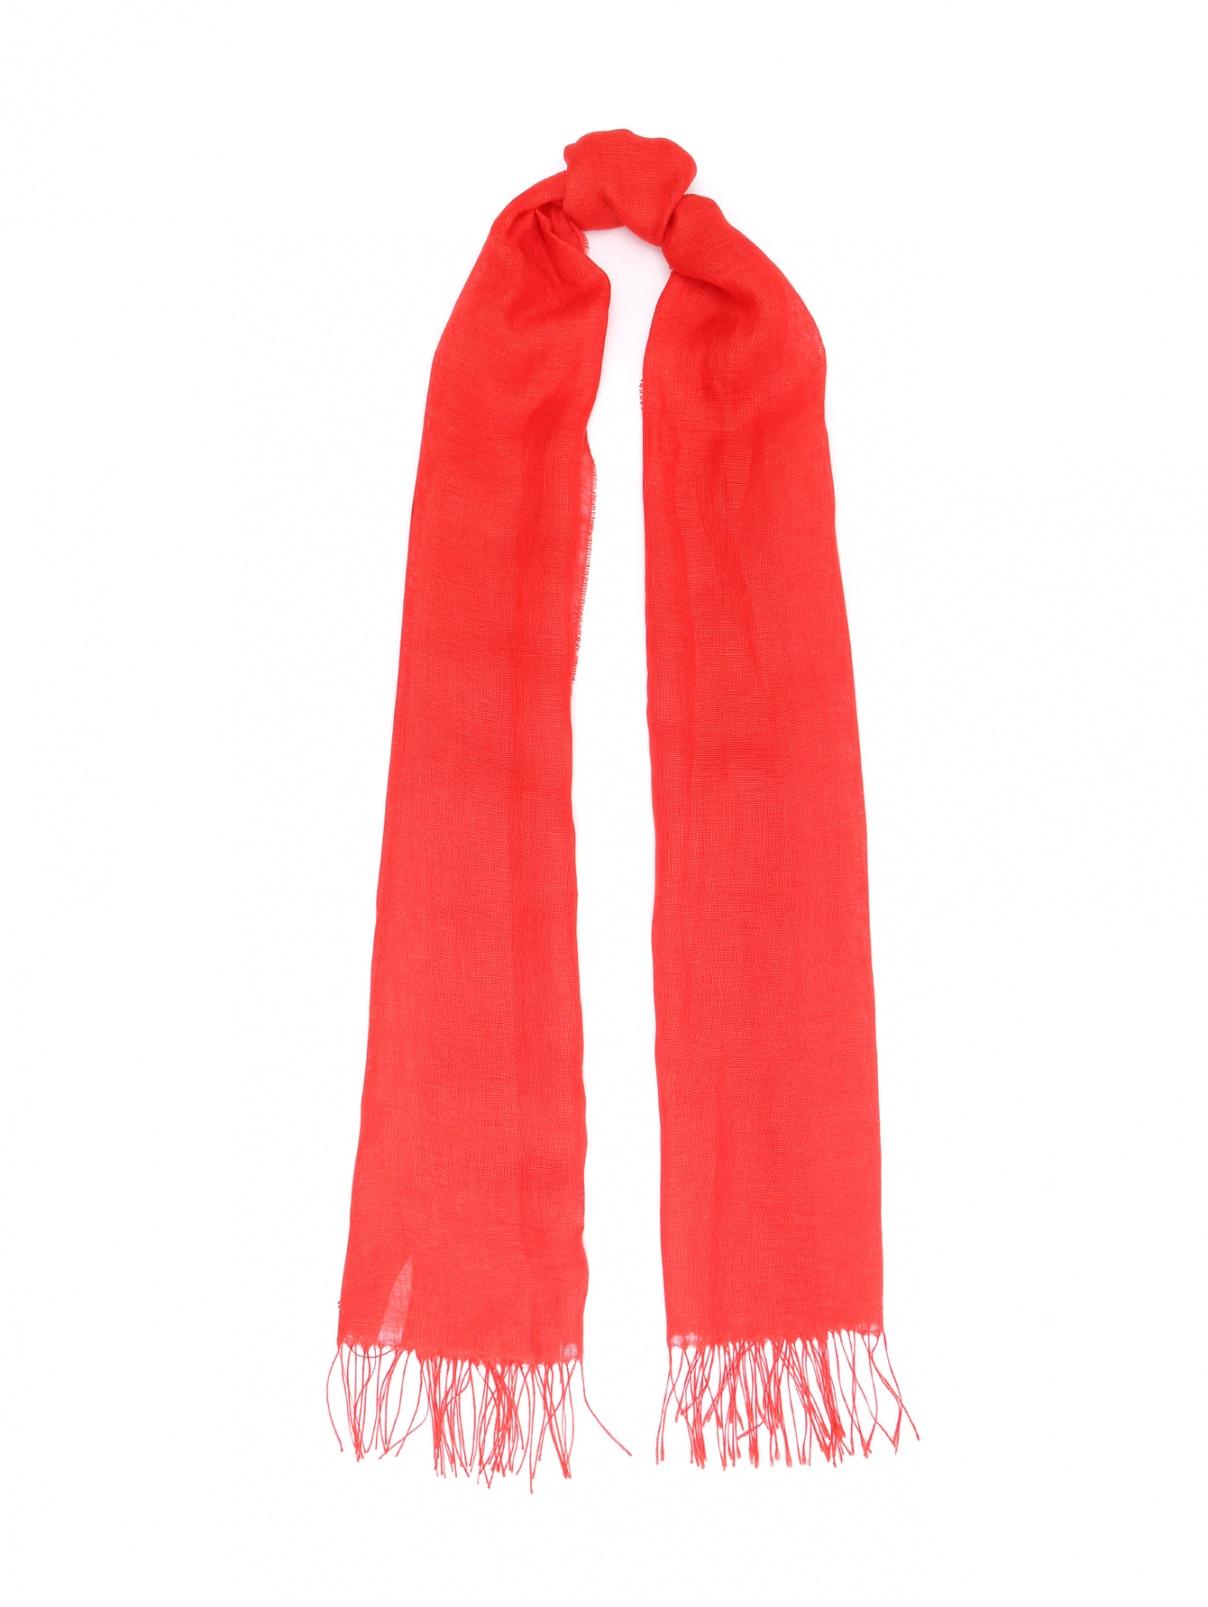 Шарф из льна Marina Rinaldi  –  Общий вид  – Цвет:  Красный